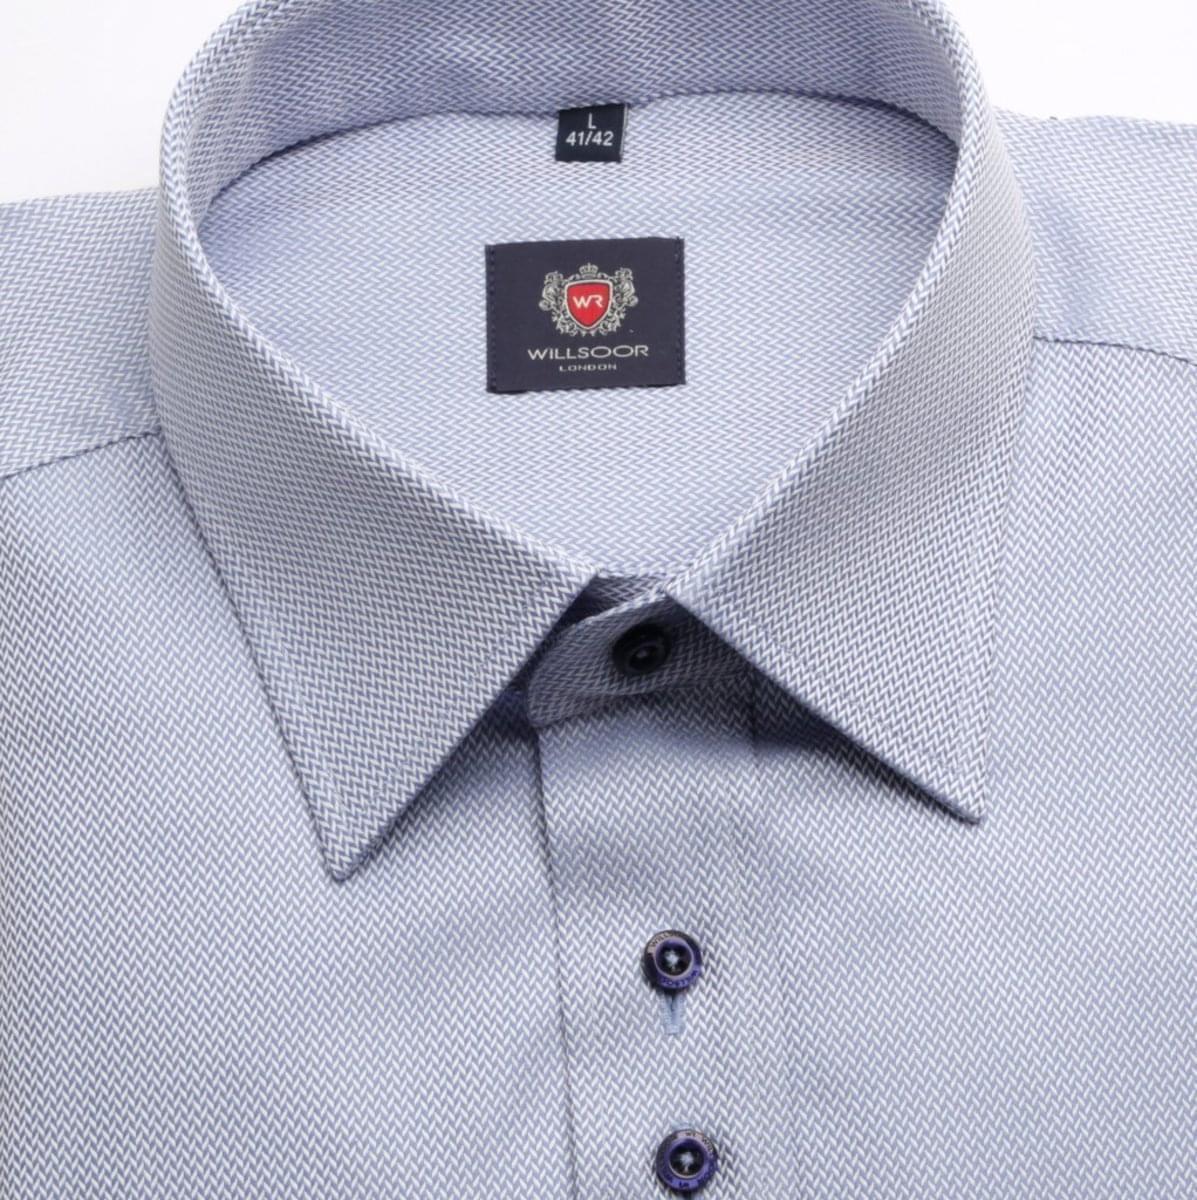 Košile WR London (výška 176-182)3983 176-182 / XL (43/44)